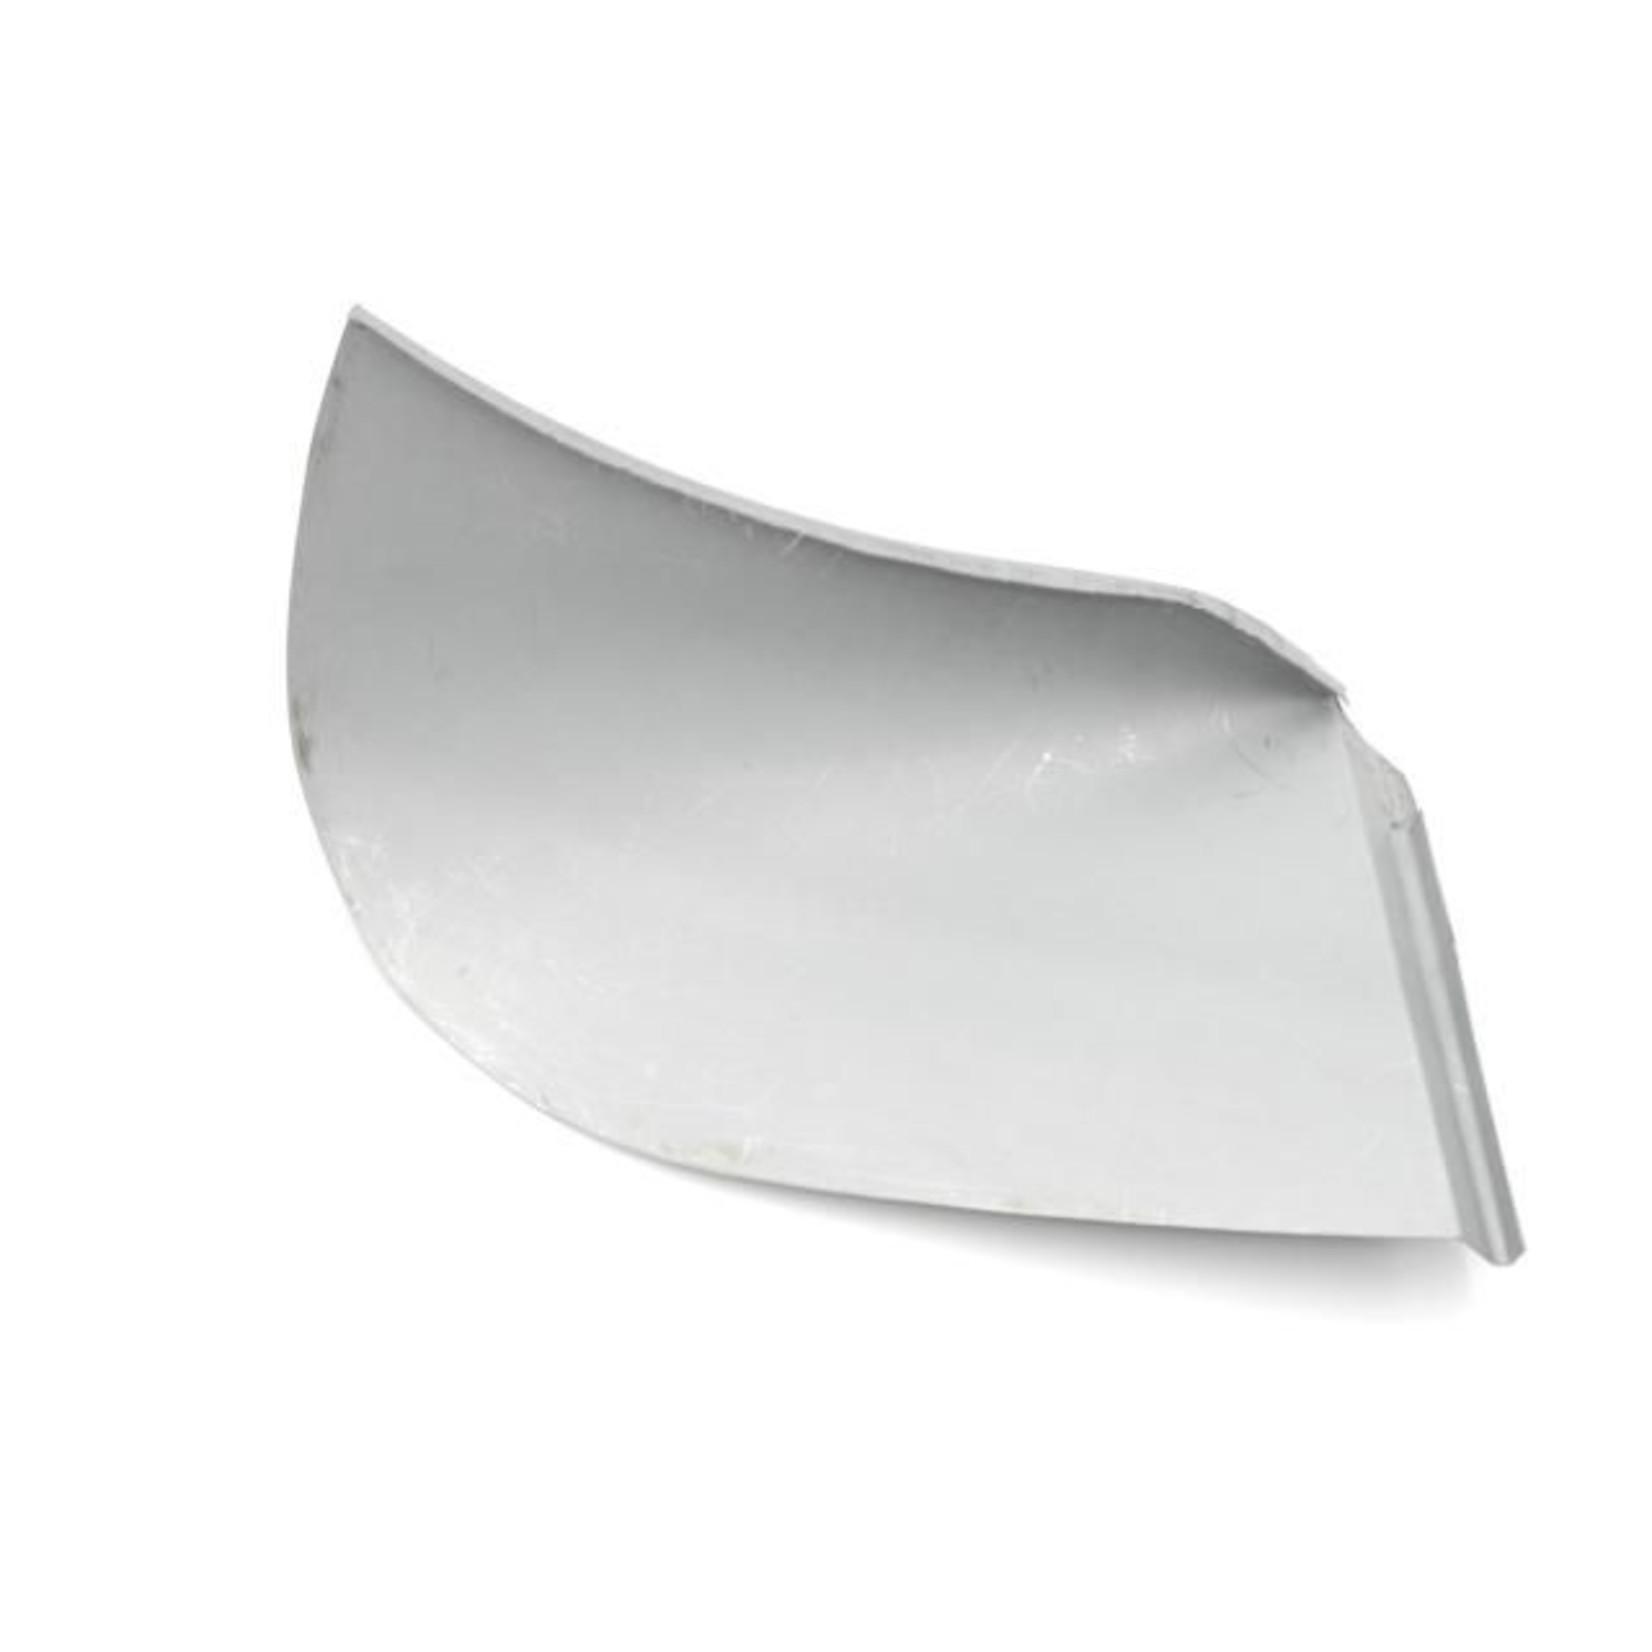 Tôle réparation aile avant partie inférieure fixation pare choc droit 69- Nr Org: 5425982